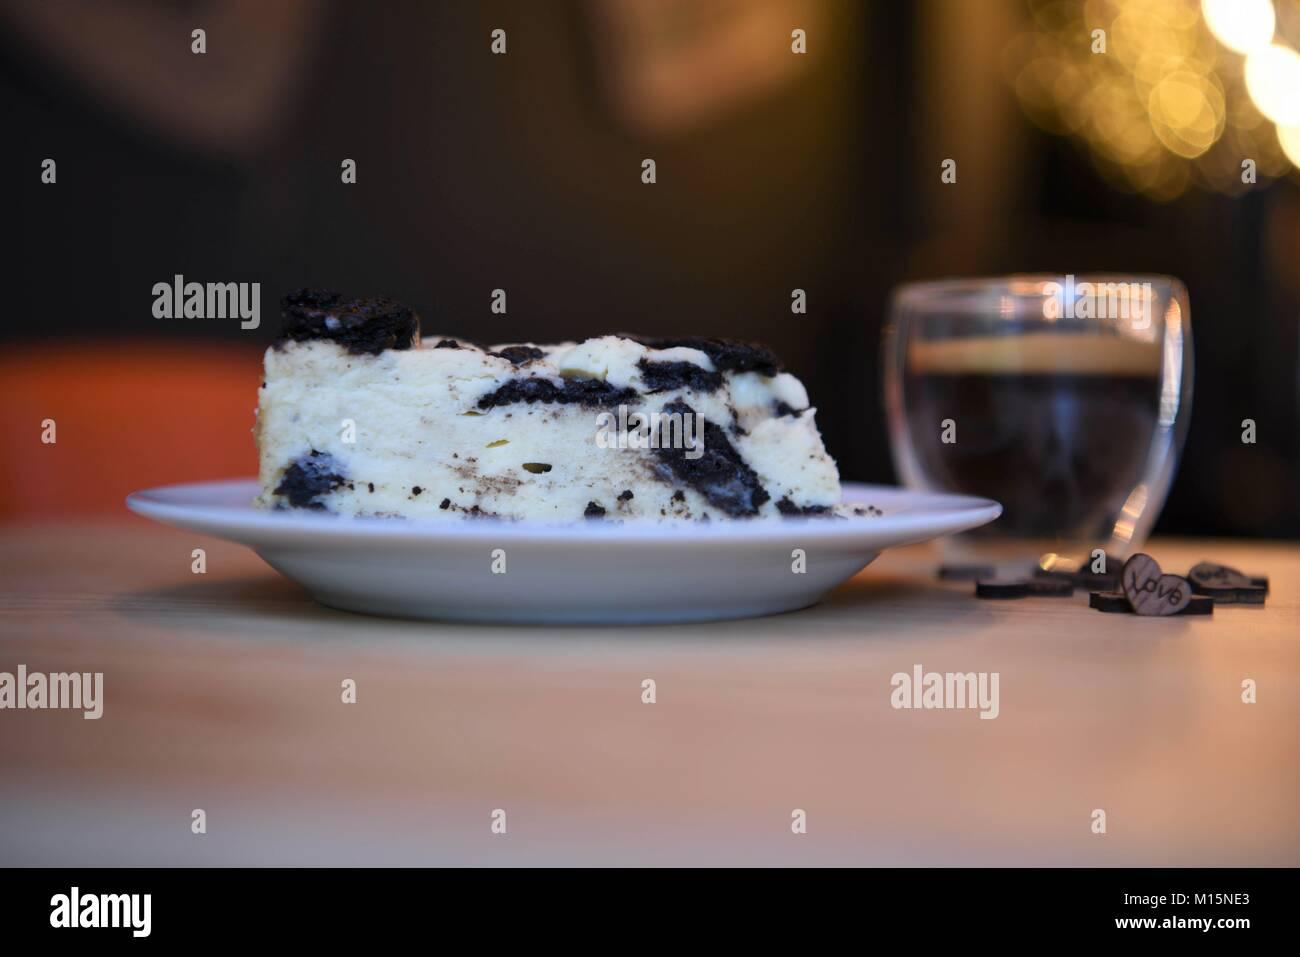 Cibi fatti in casa di biscotti al cioccolato cheesecake con amore in legno cuore decorazioni e illuminazione con Immagini Stock